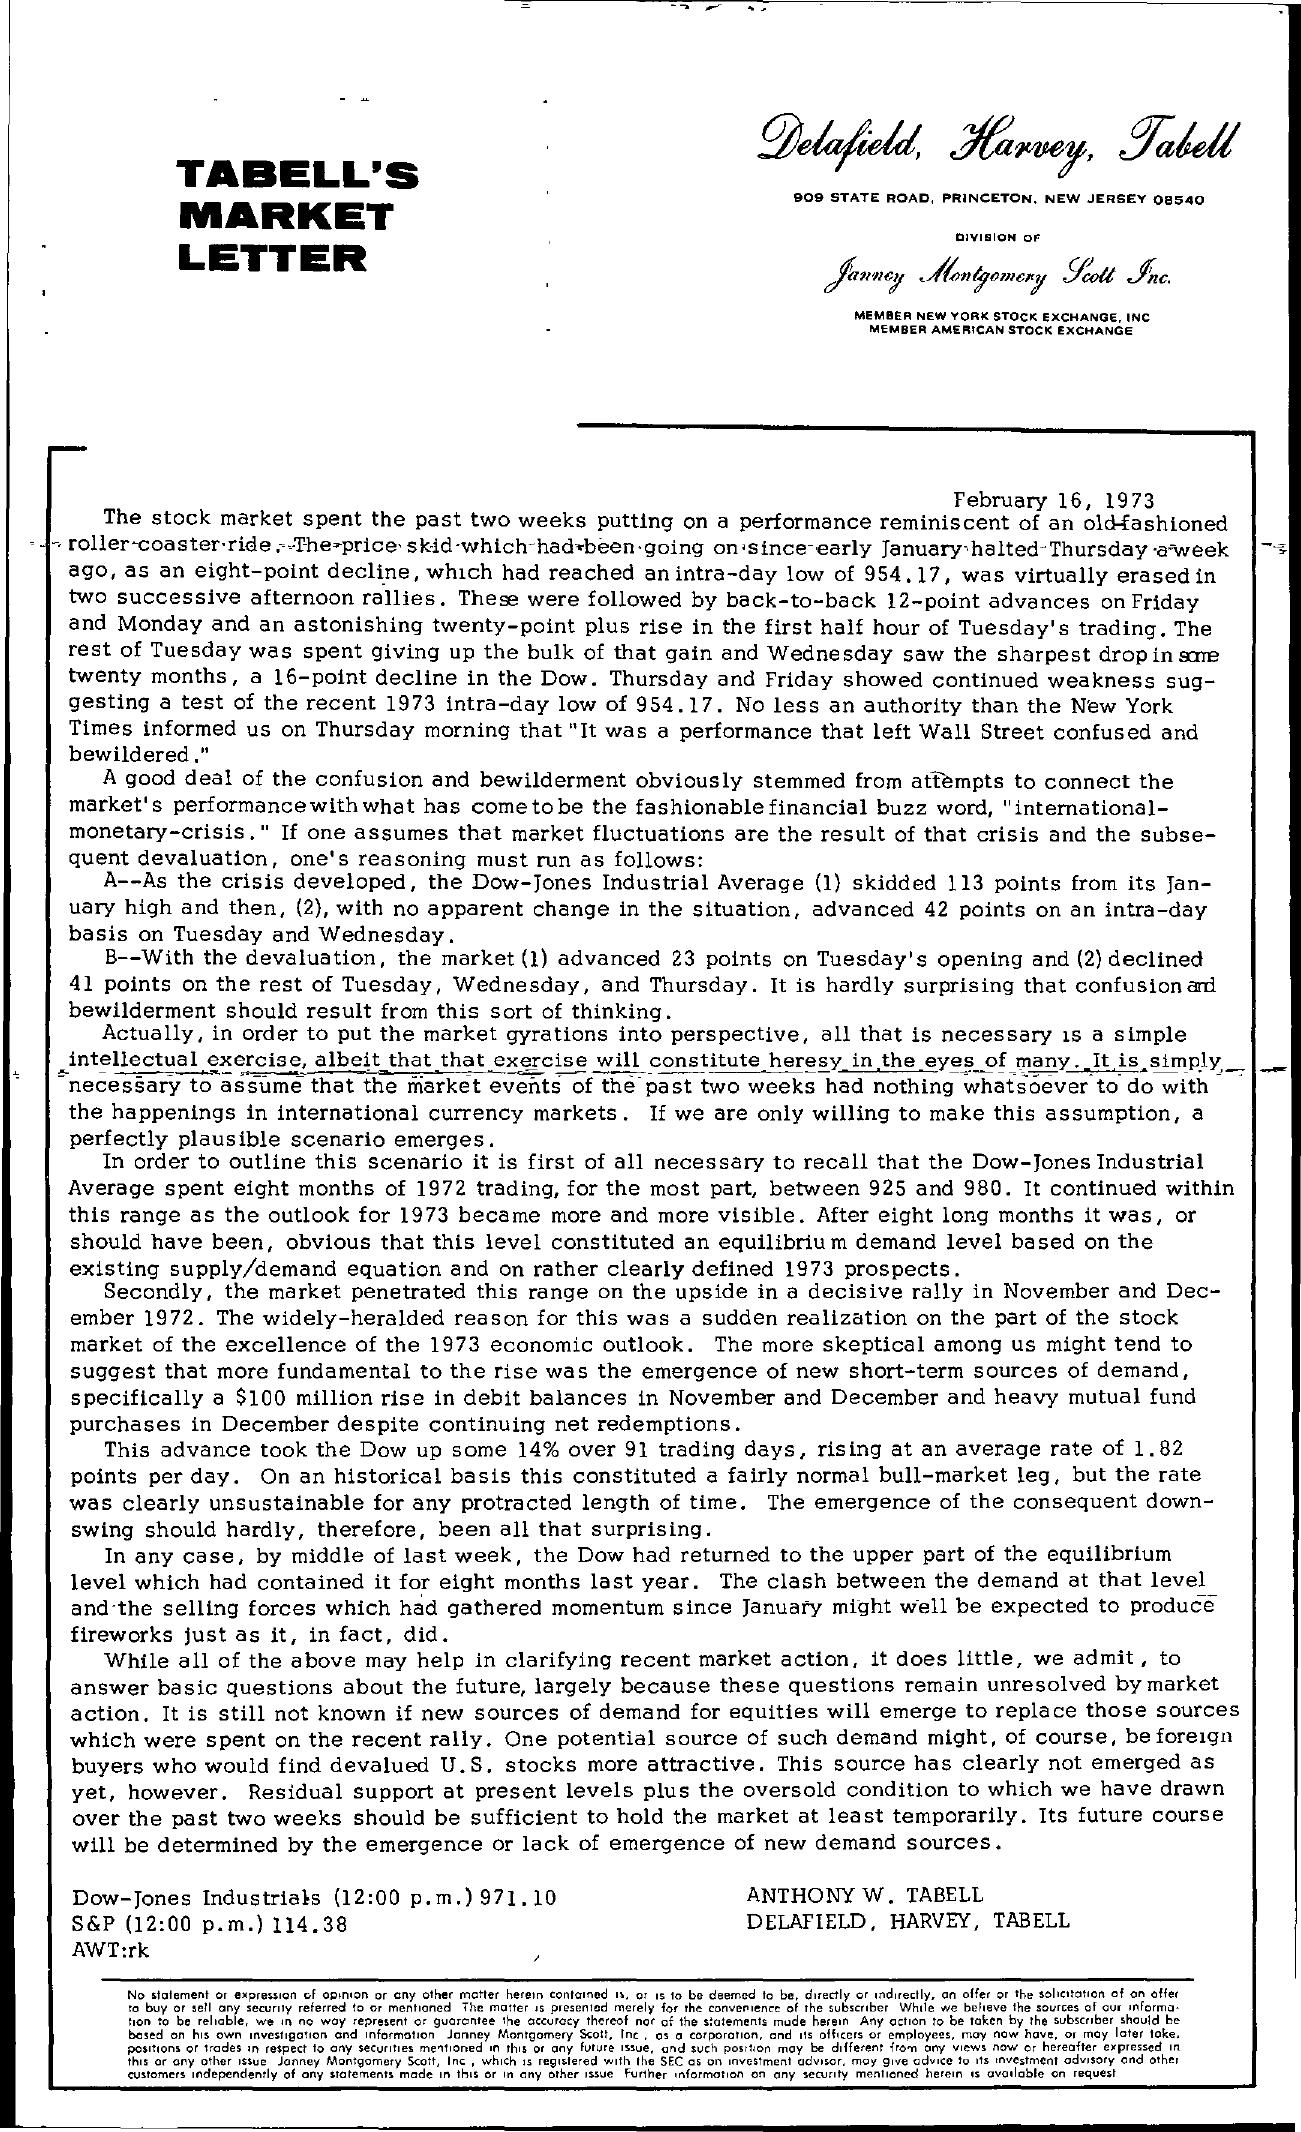 Tabell's Market Letter - February 16, 1973